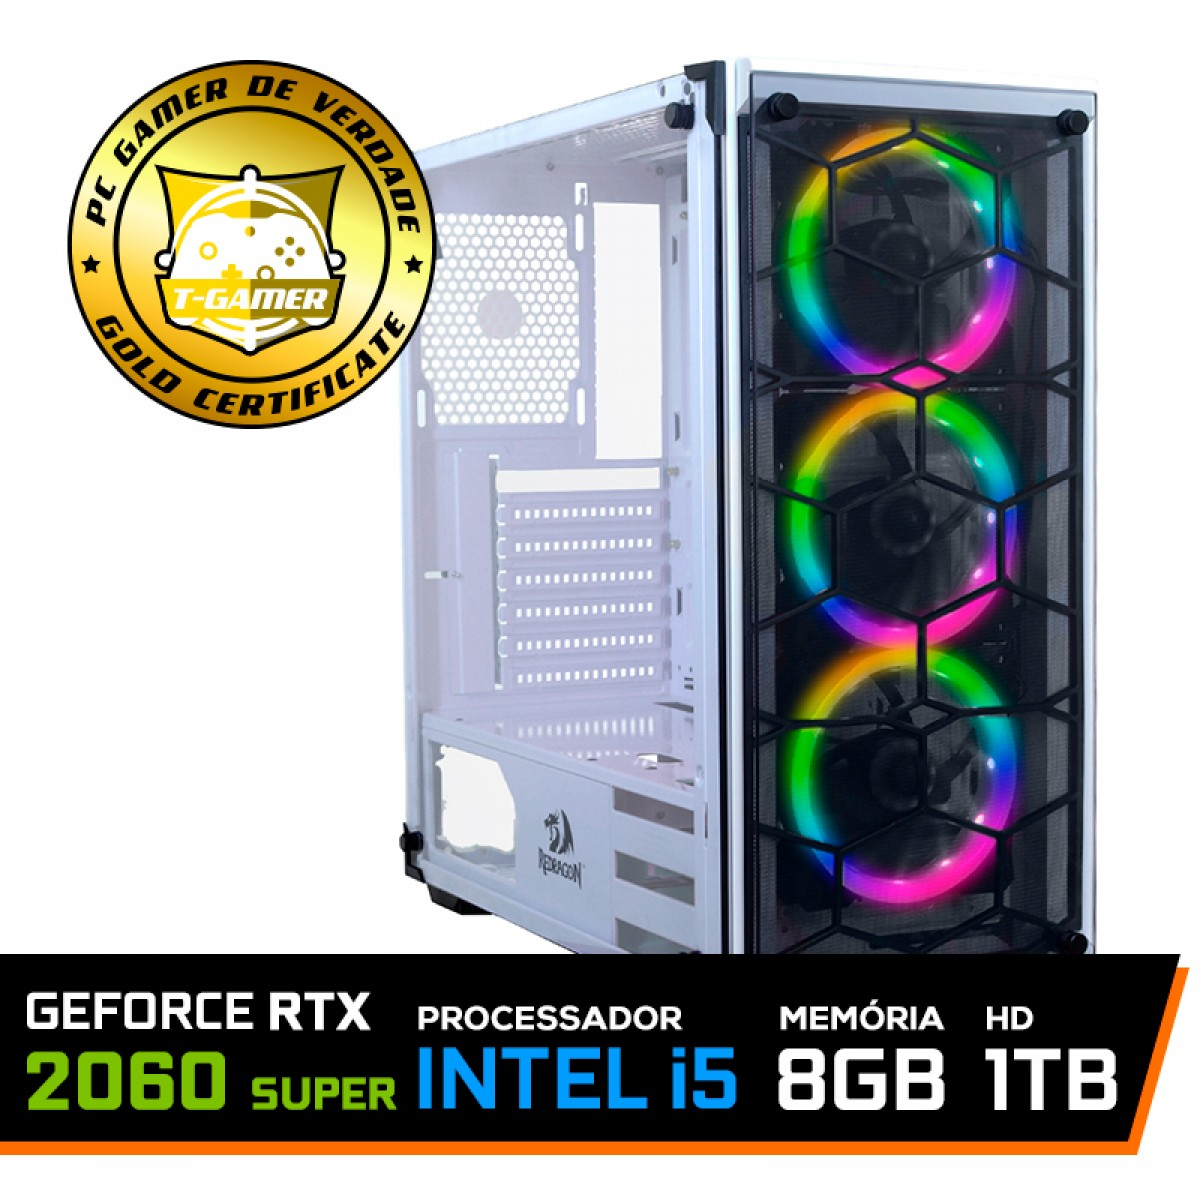 Pc Gamer Blade LVL-11 Intel Core i5 10400 /Geforce RTX 2060 Super / DDR4 8GB / HD 1TB / 600W